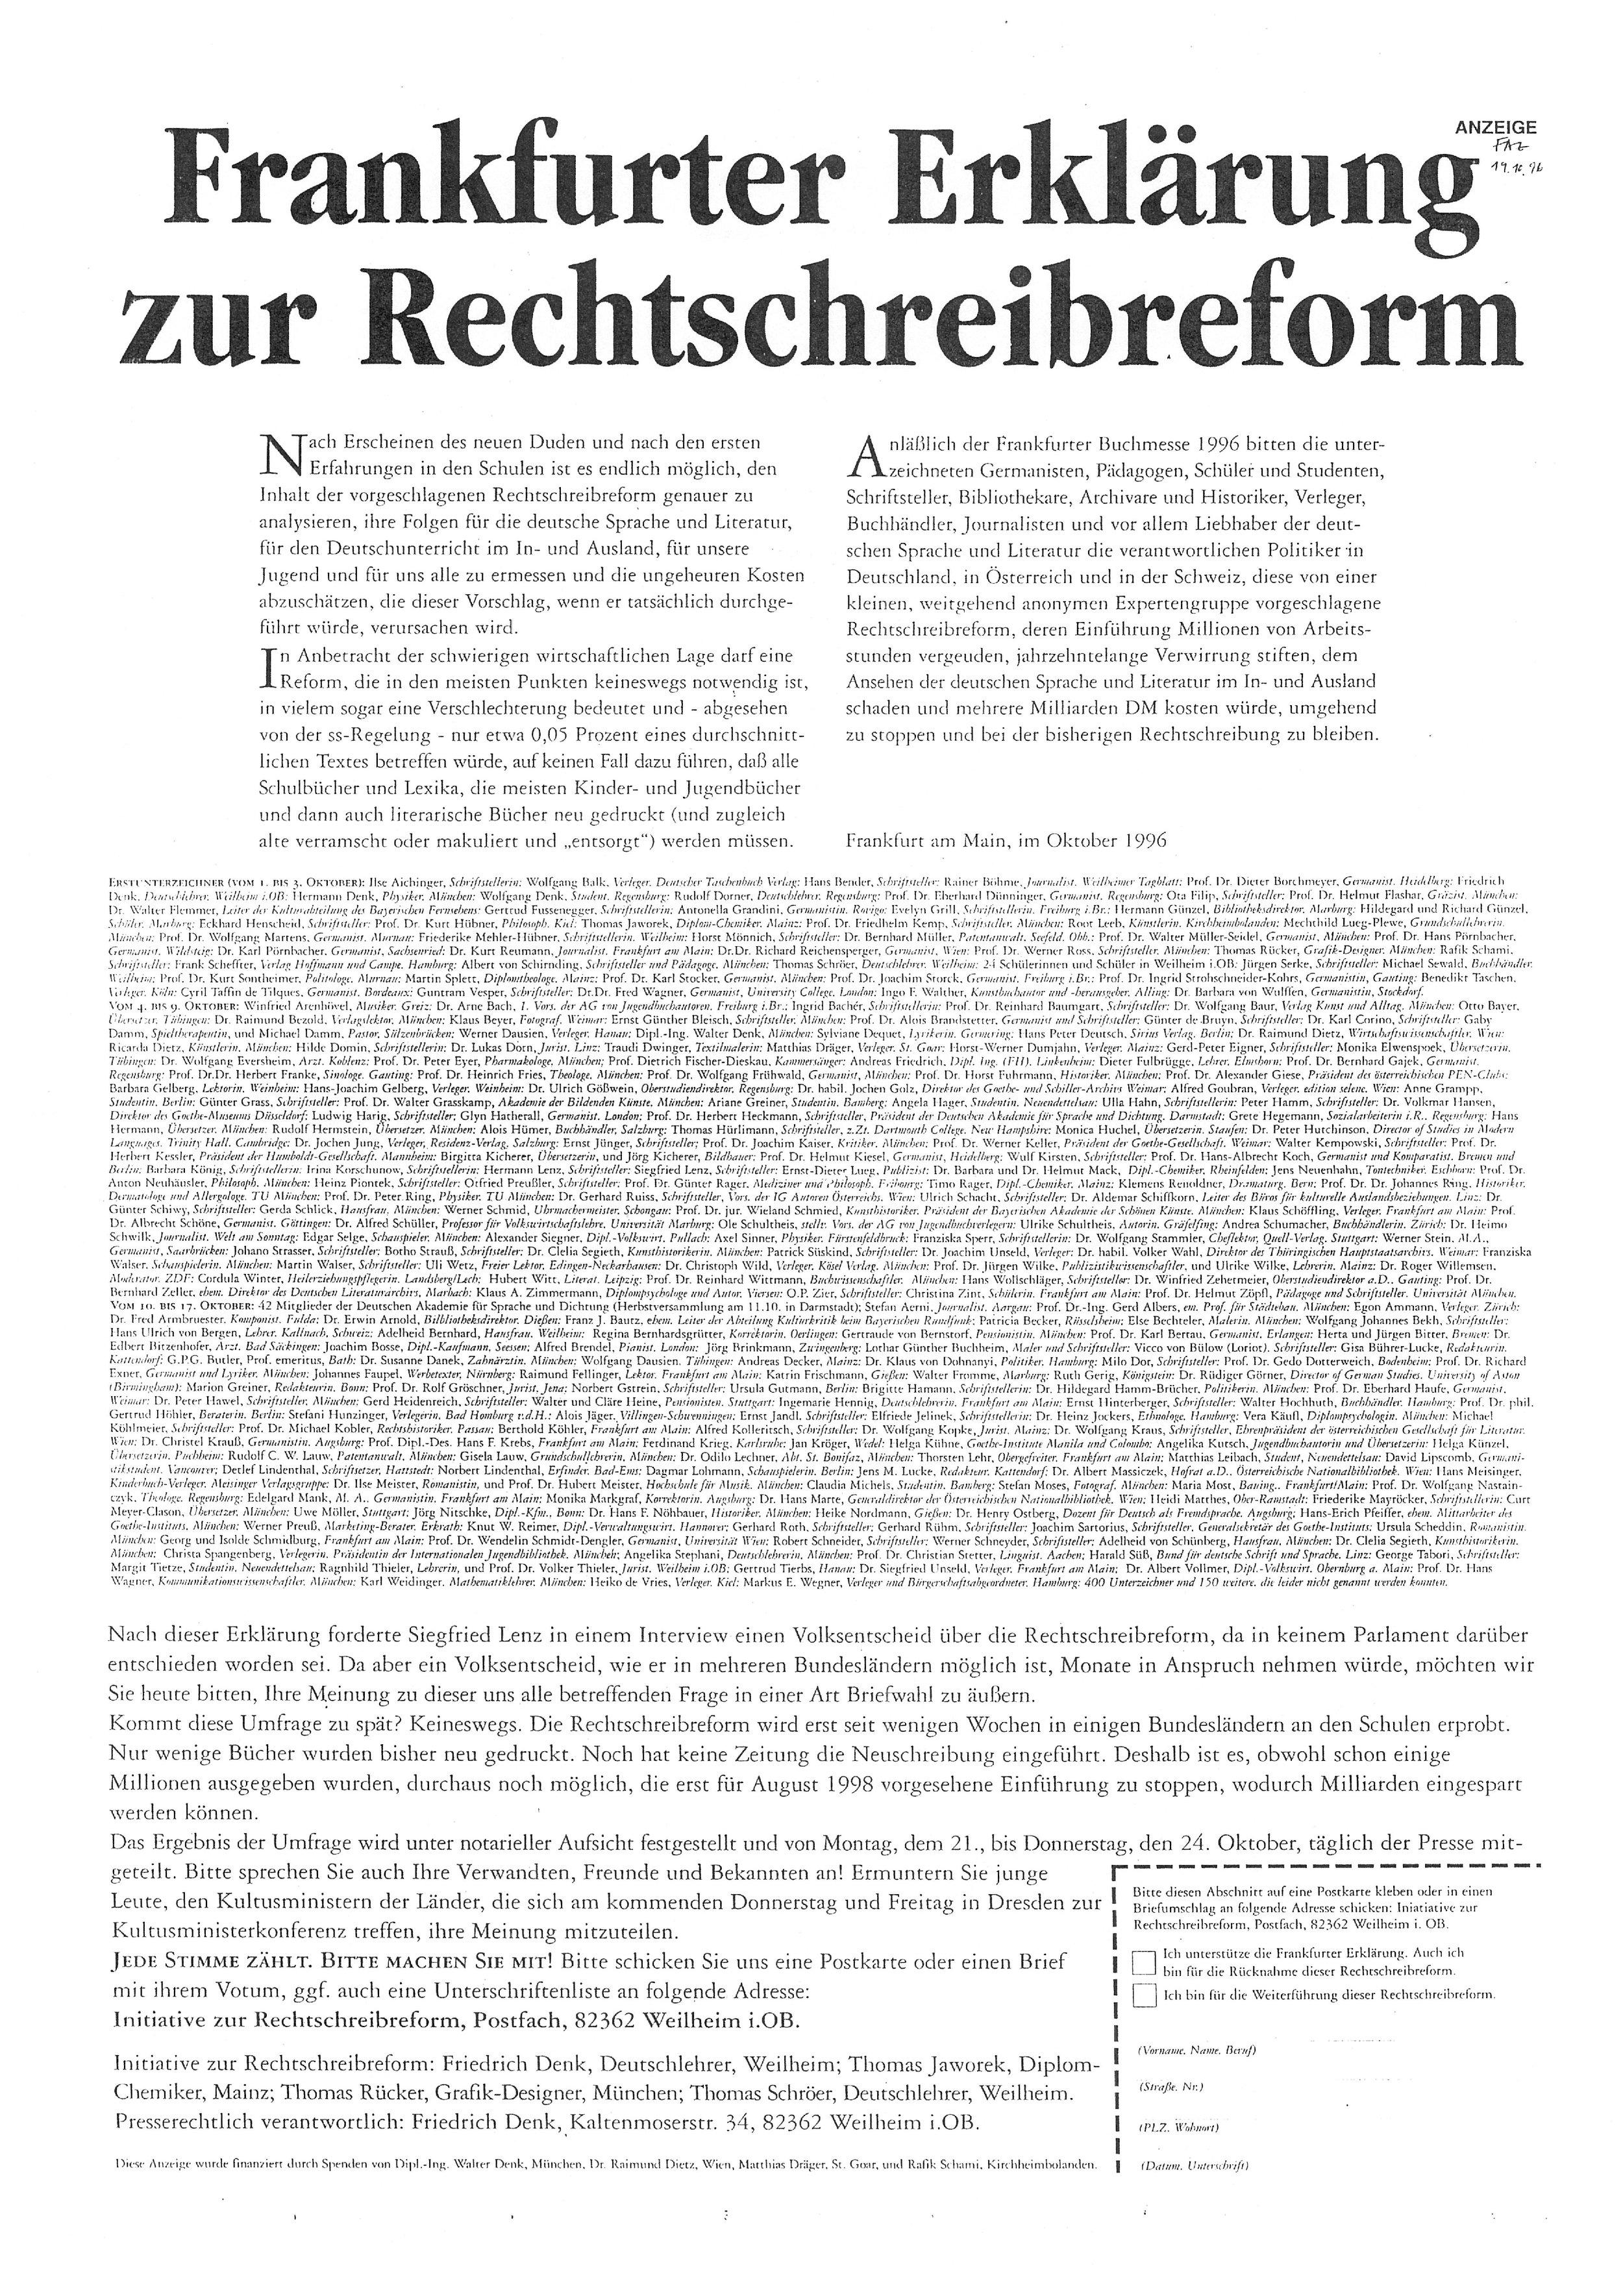 In drei Wochen protestieren 37.442 Menschen schriftlich gegen die Rechtschreibreform.